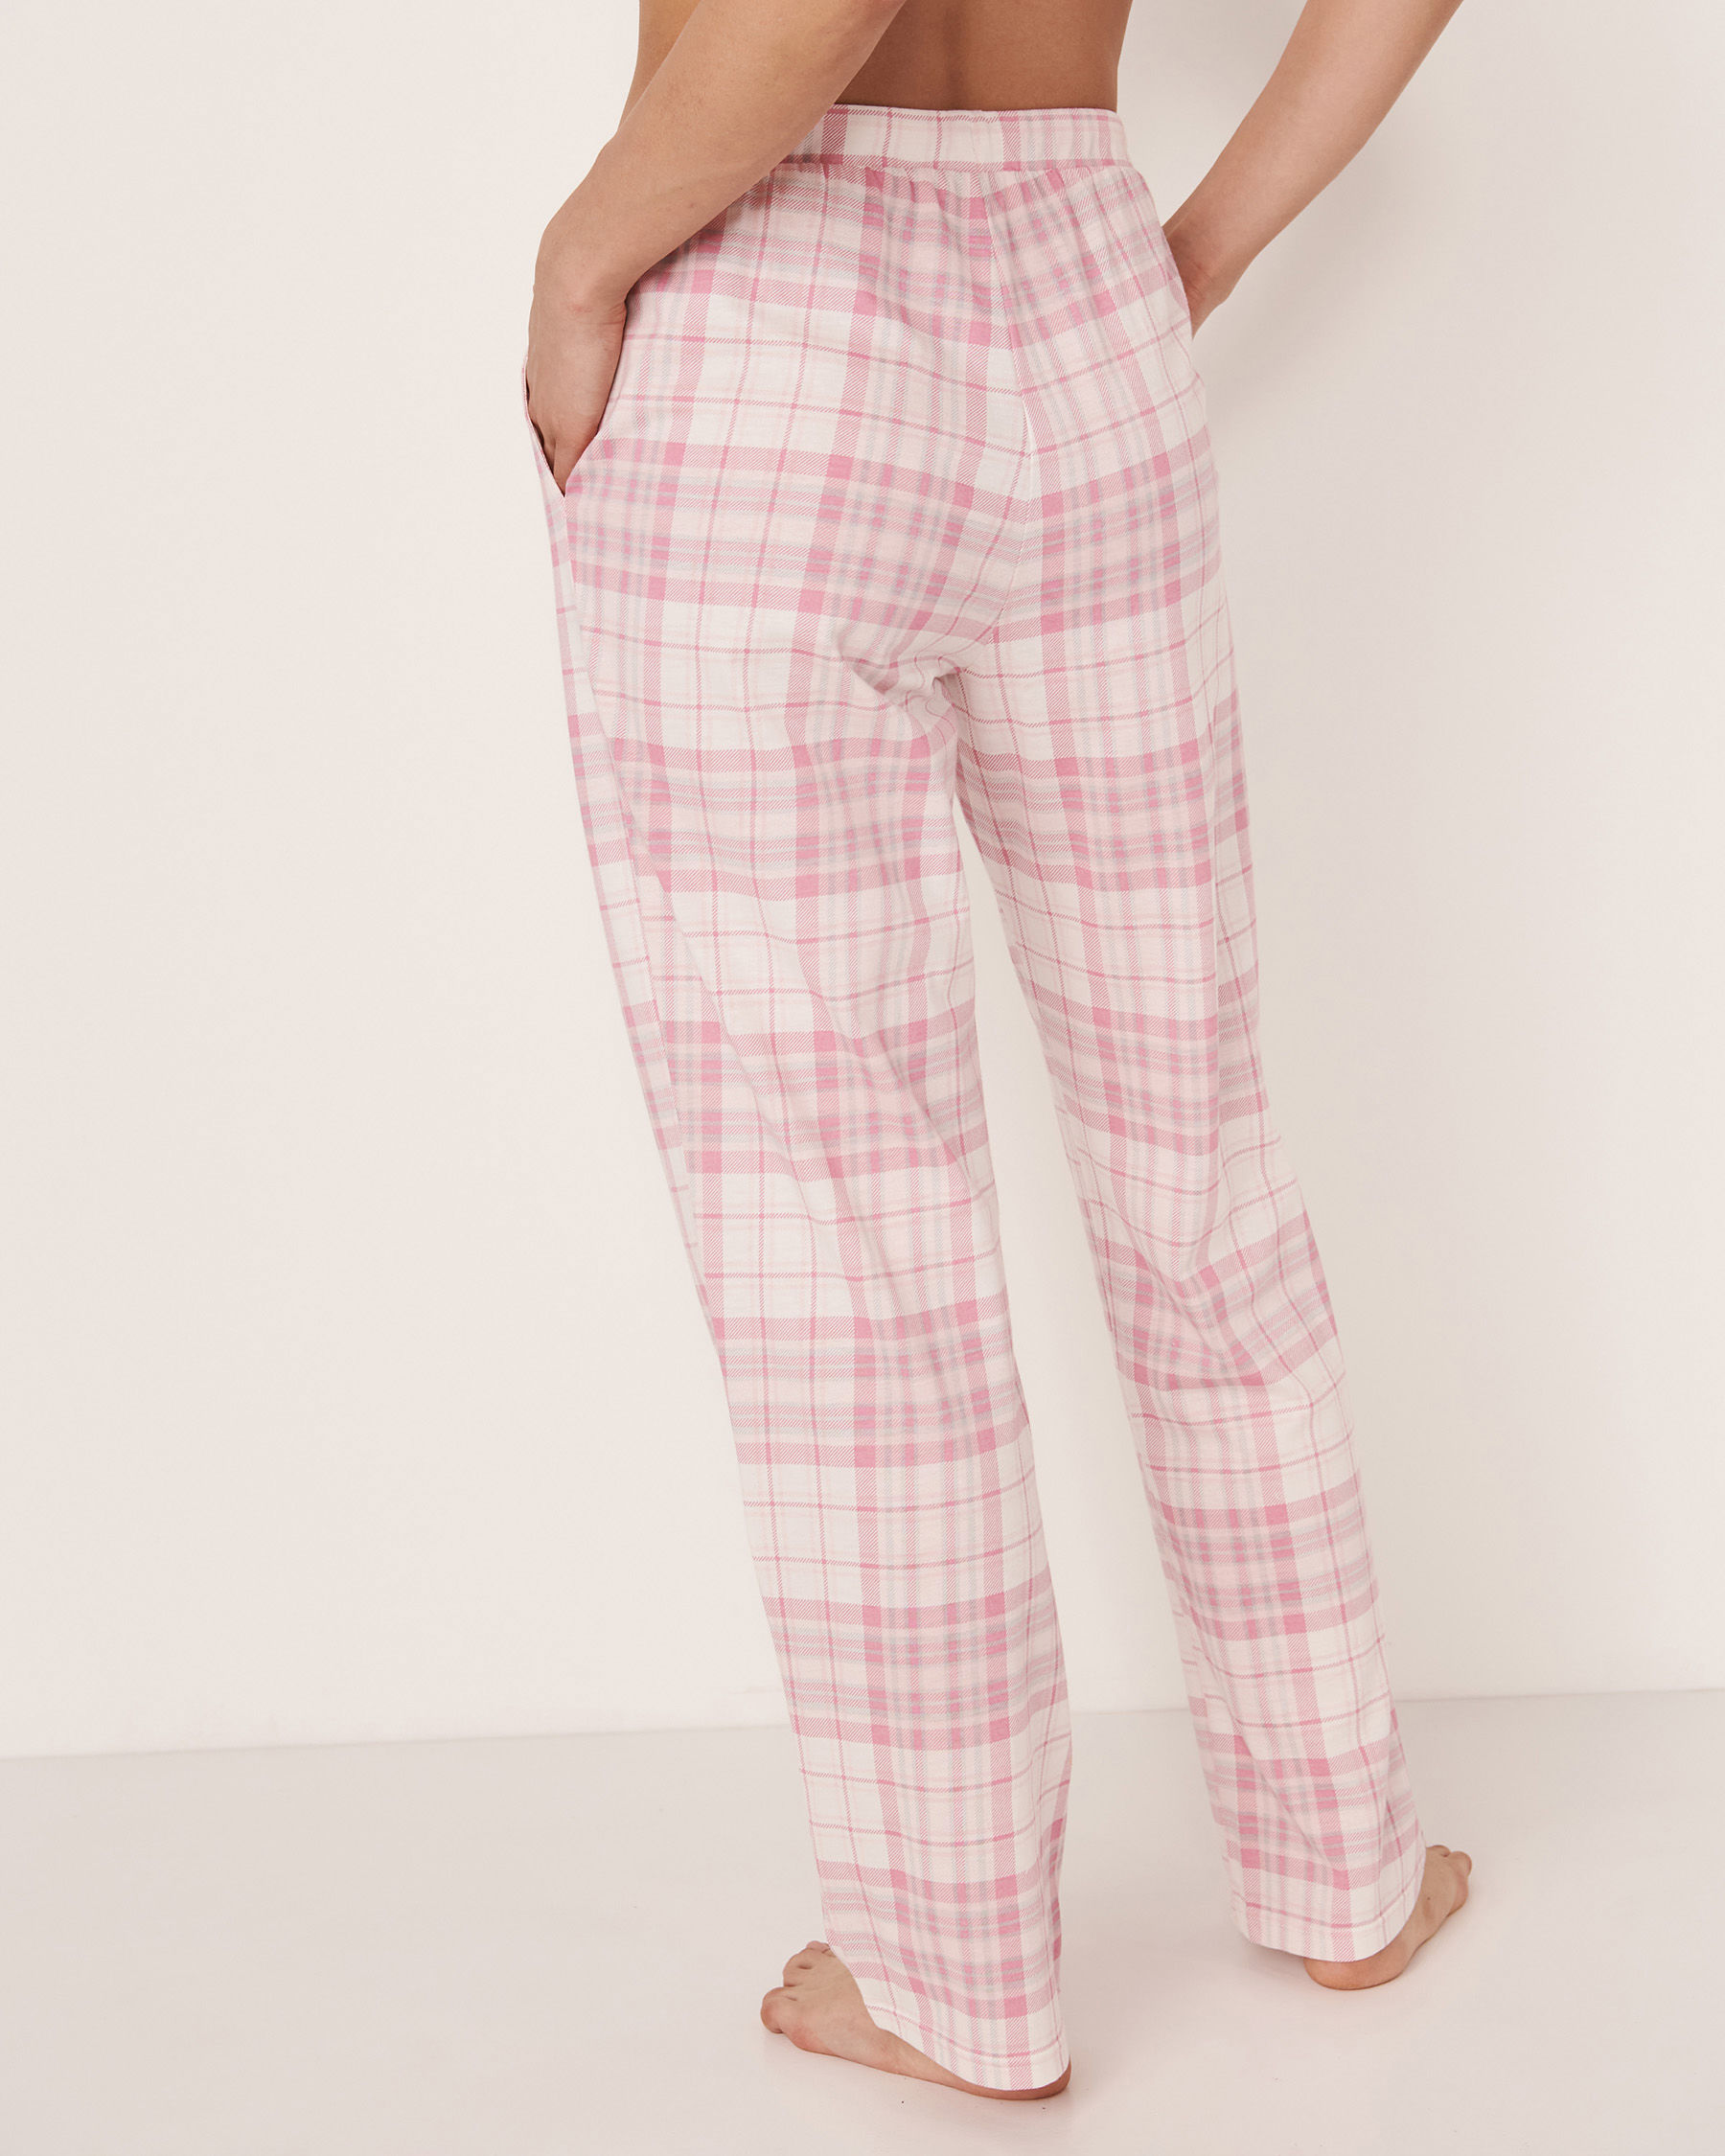 LA VIE EN ROSE Pantalon jambe droite Carreaux roses 40200100 - Voir2